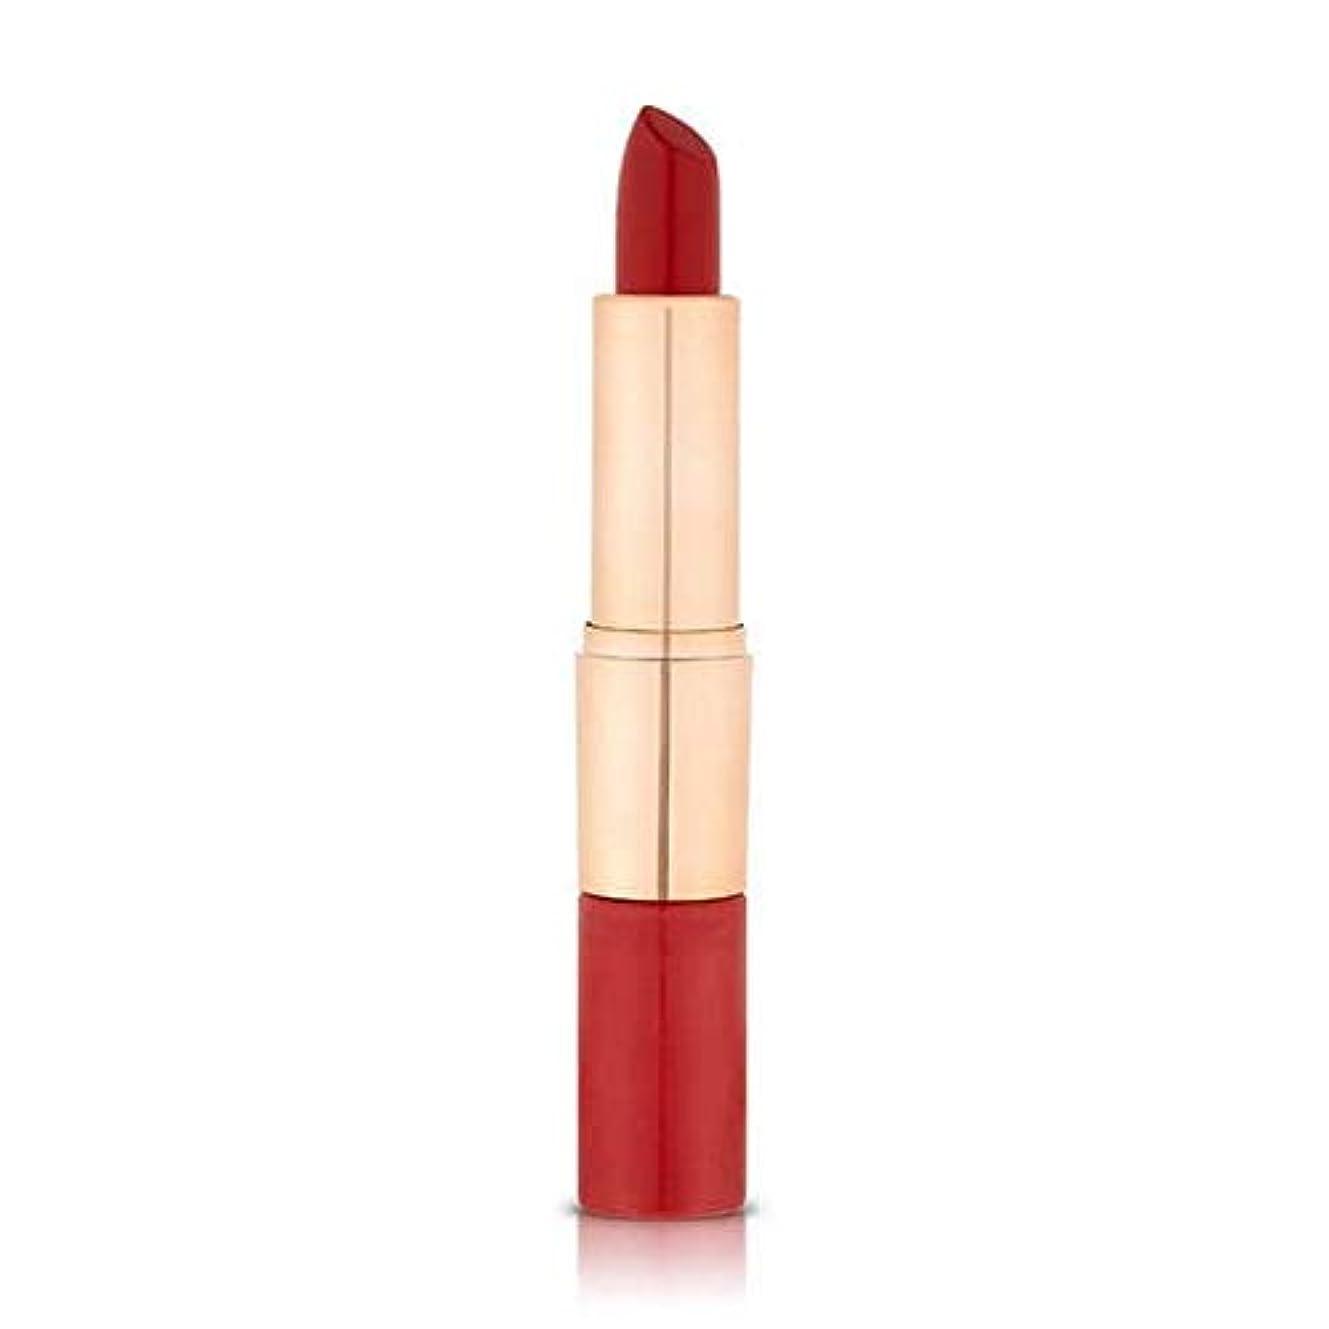 有毒な広範囲に多用途[Flower Beauty ] 花の美しさのミックスN」はマットリップスティックデュオ赤いベルベット690 - Flower Beauty Mix N' Matte Lipstick Duo Red Velvet 690 [並行輸入品]